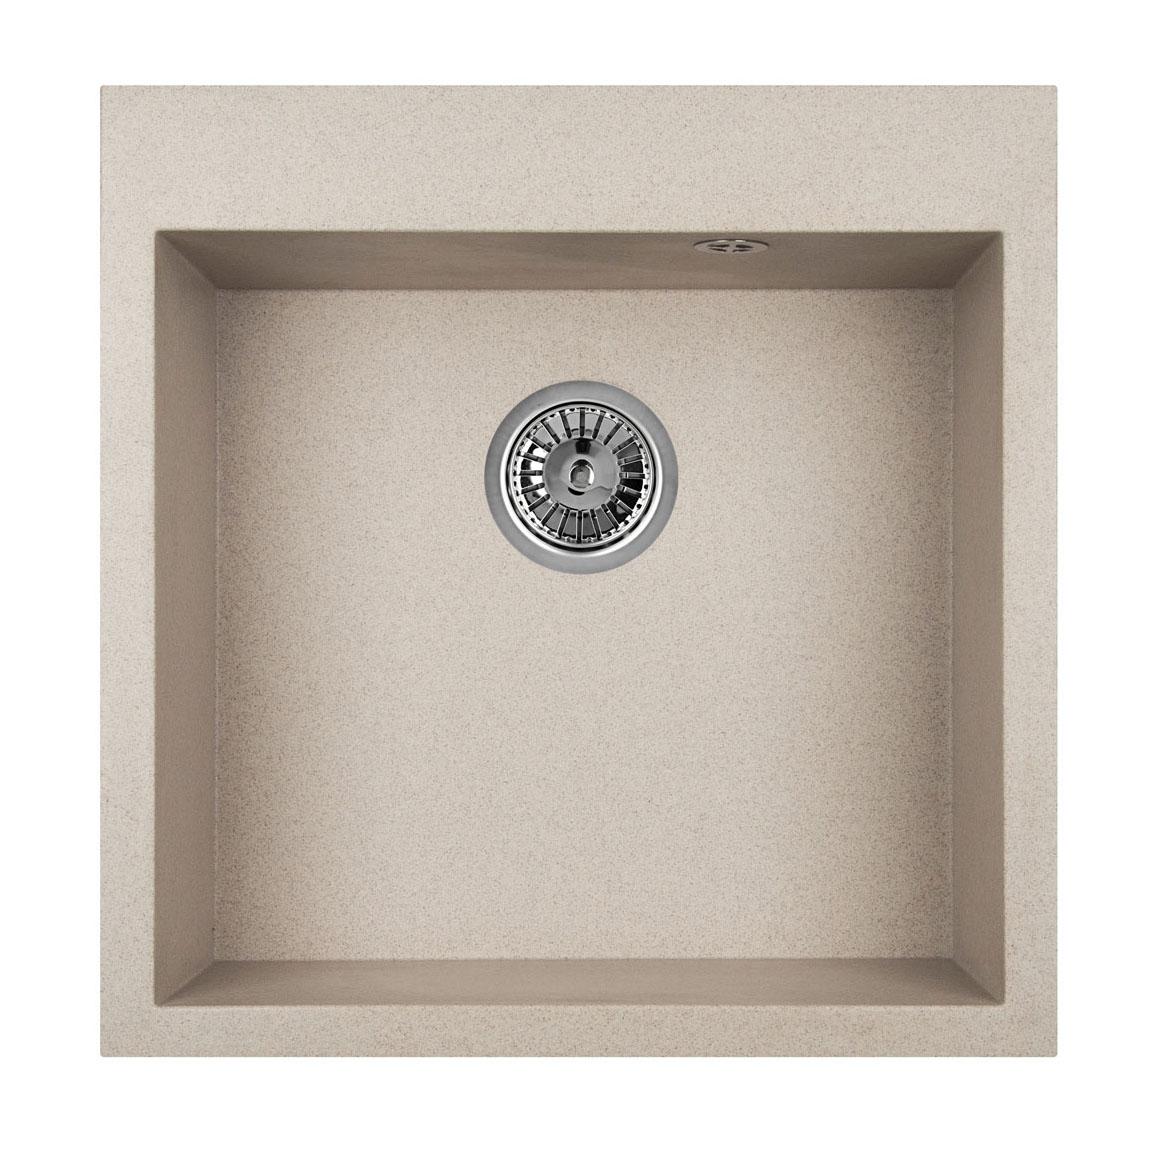 Кухонная мойка Granula GR-5102 505х510 антик кухонная мойка teka centroval mic